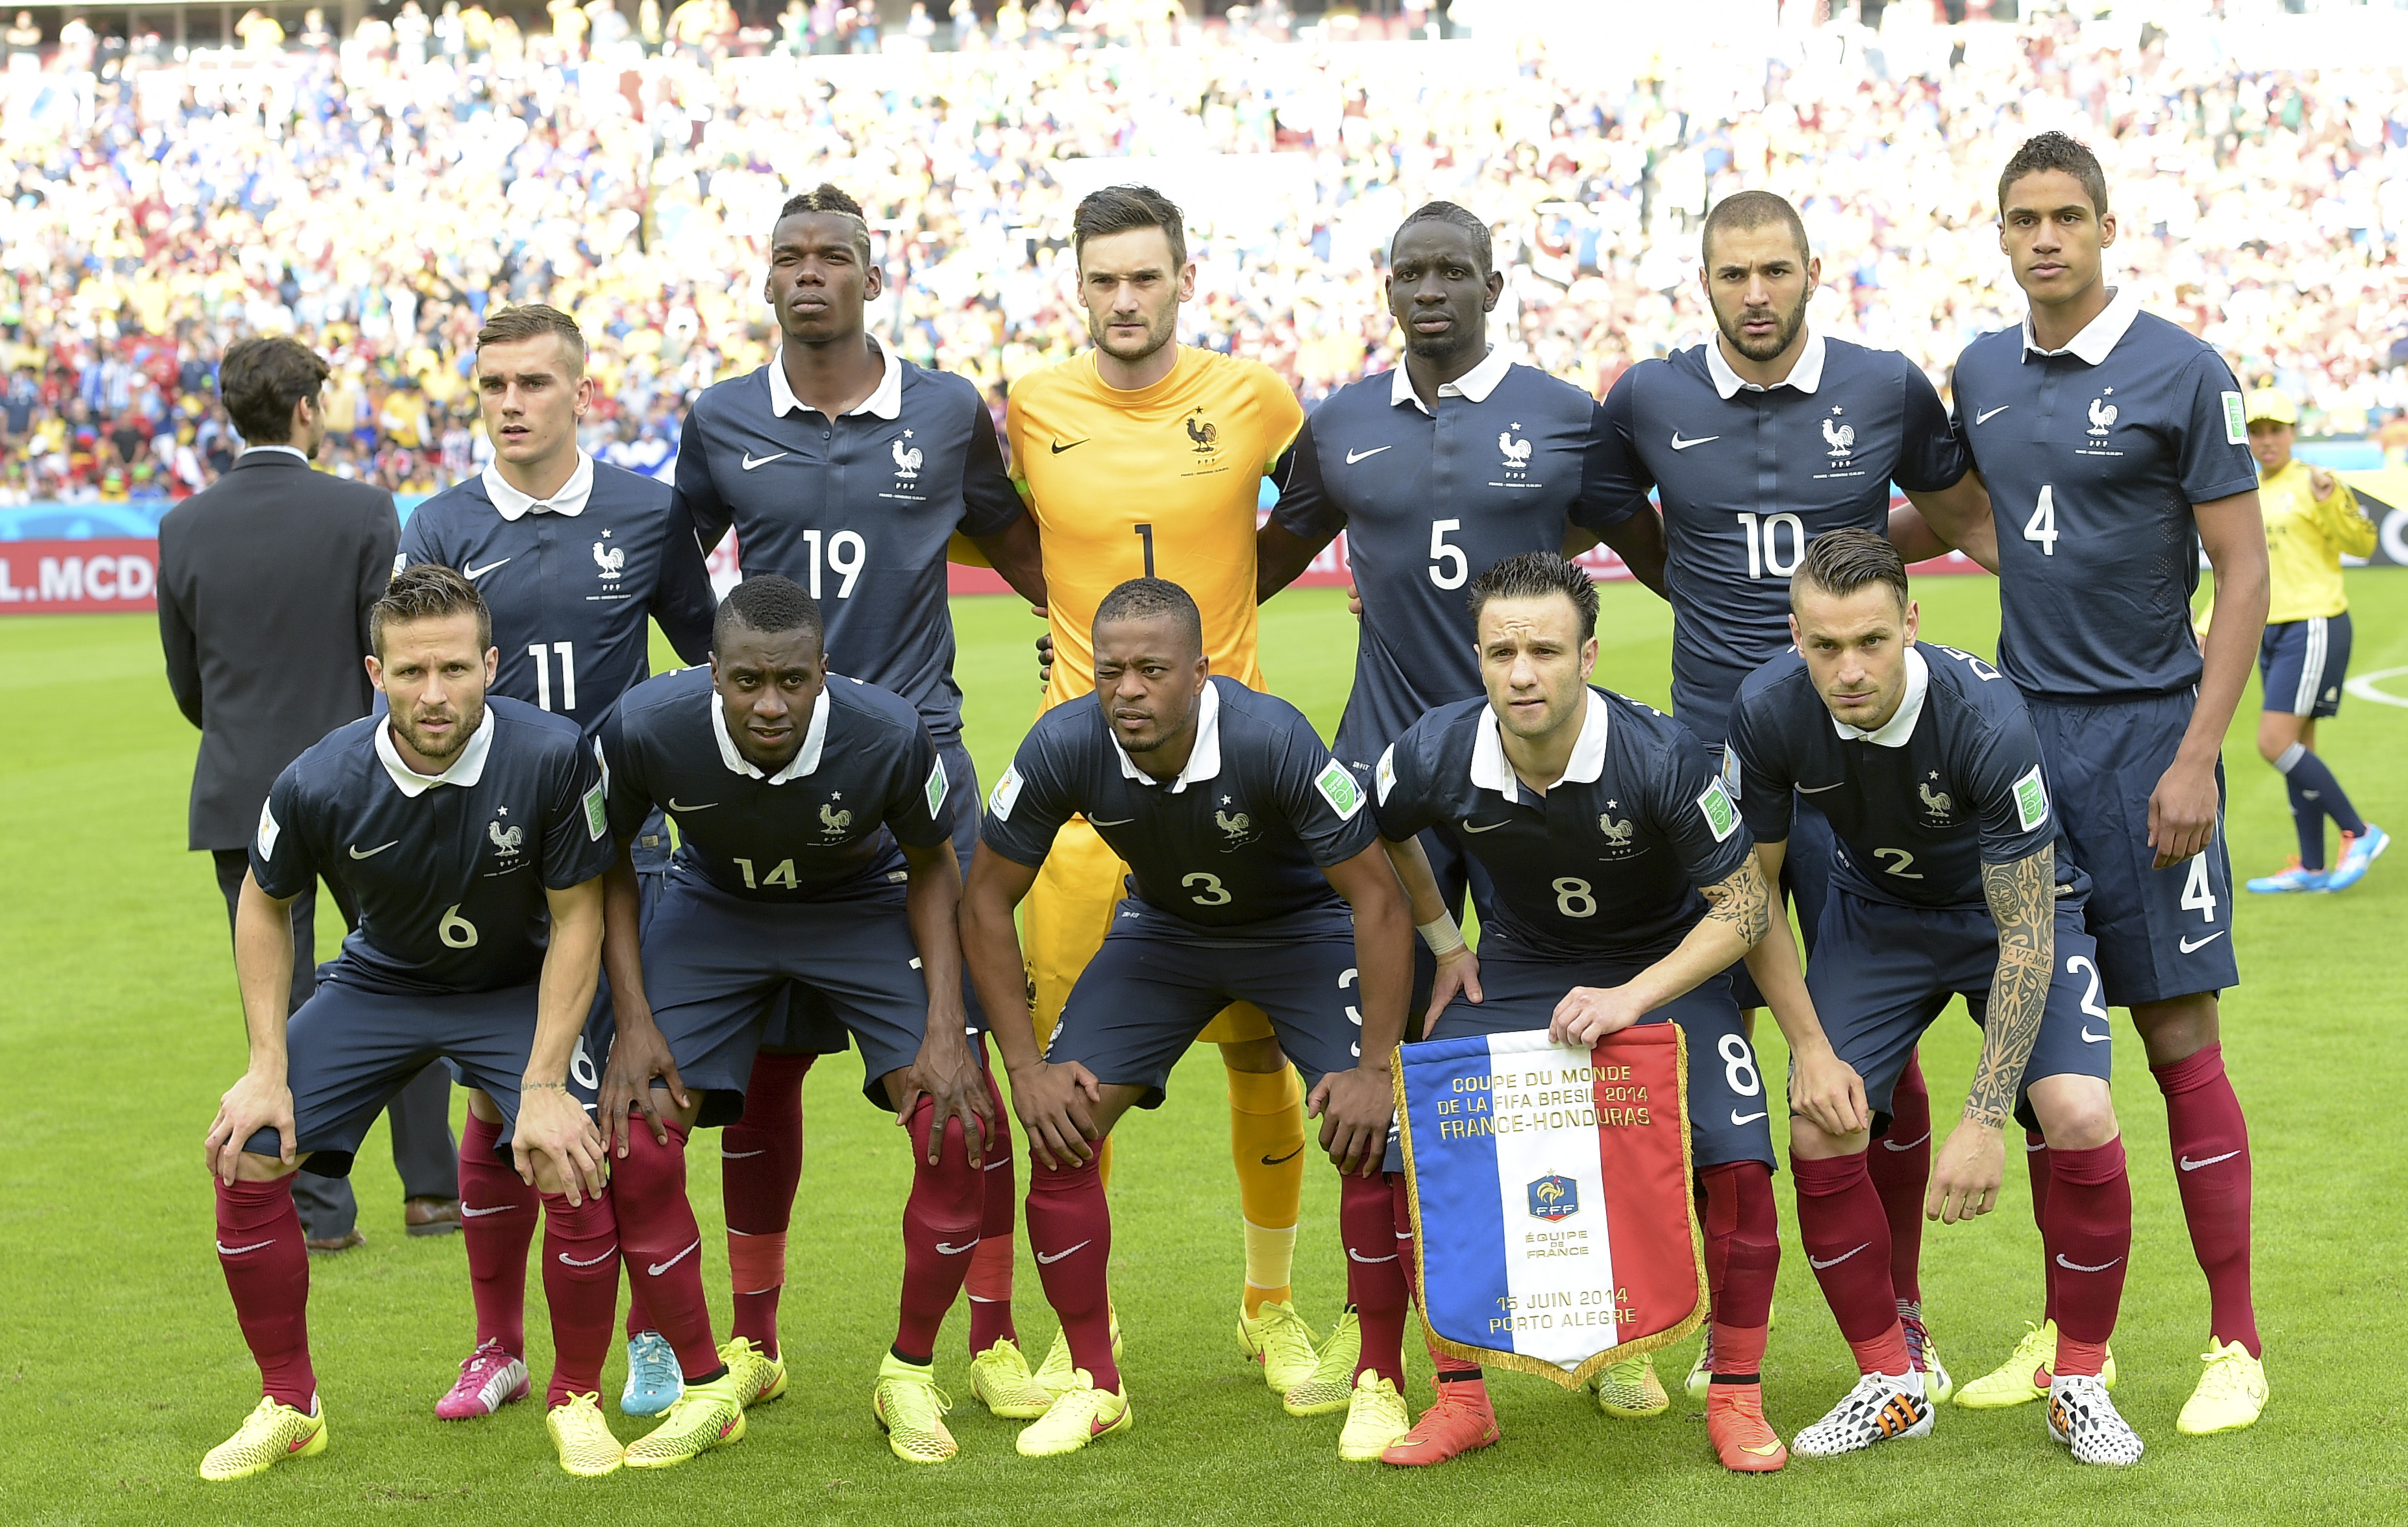 Marseillaise sakho d nonce un manque de respect equipe - Coupe du monde 1994 equipe de france ...